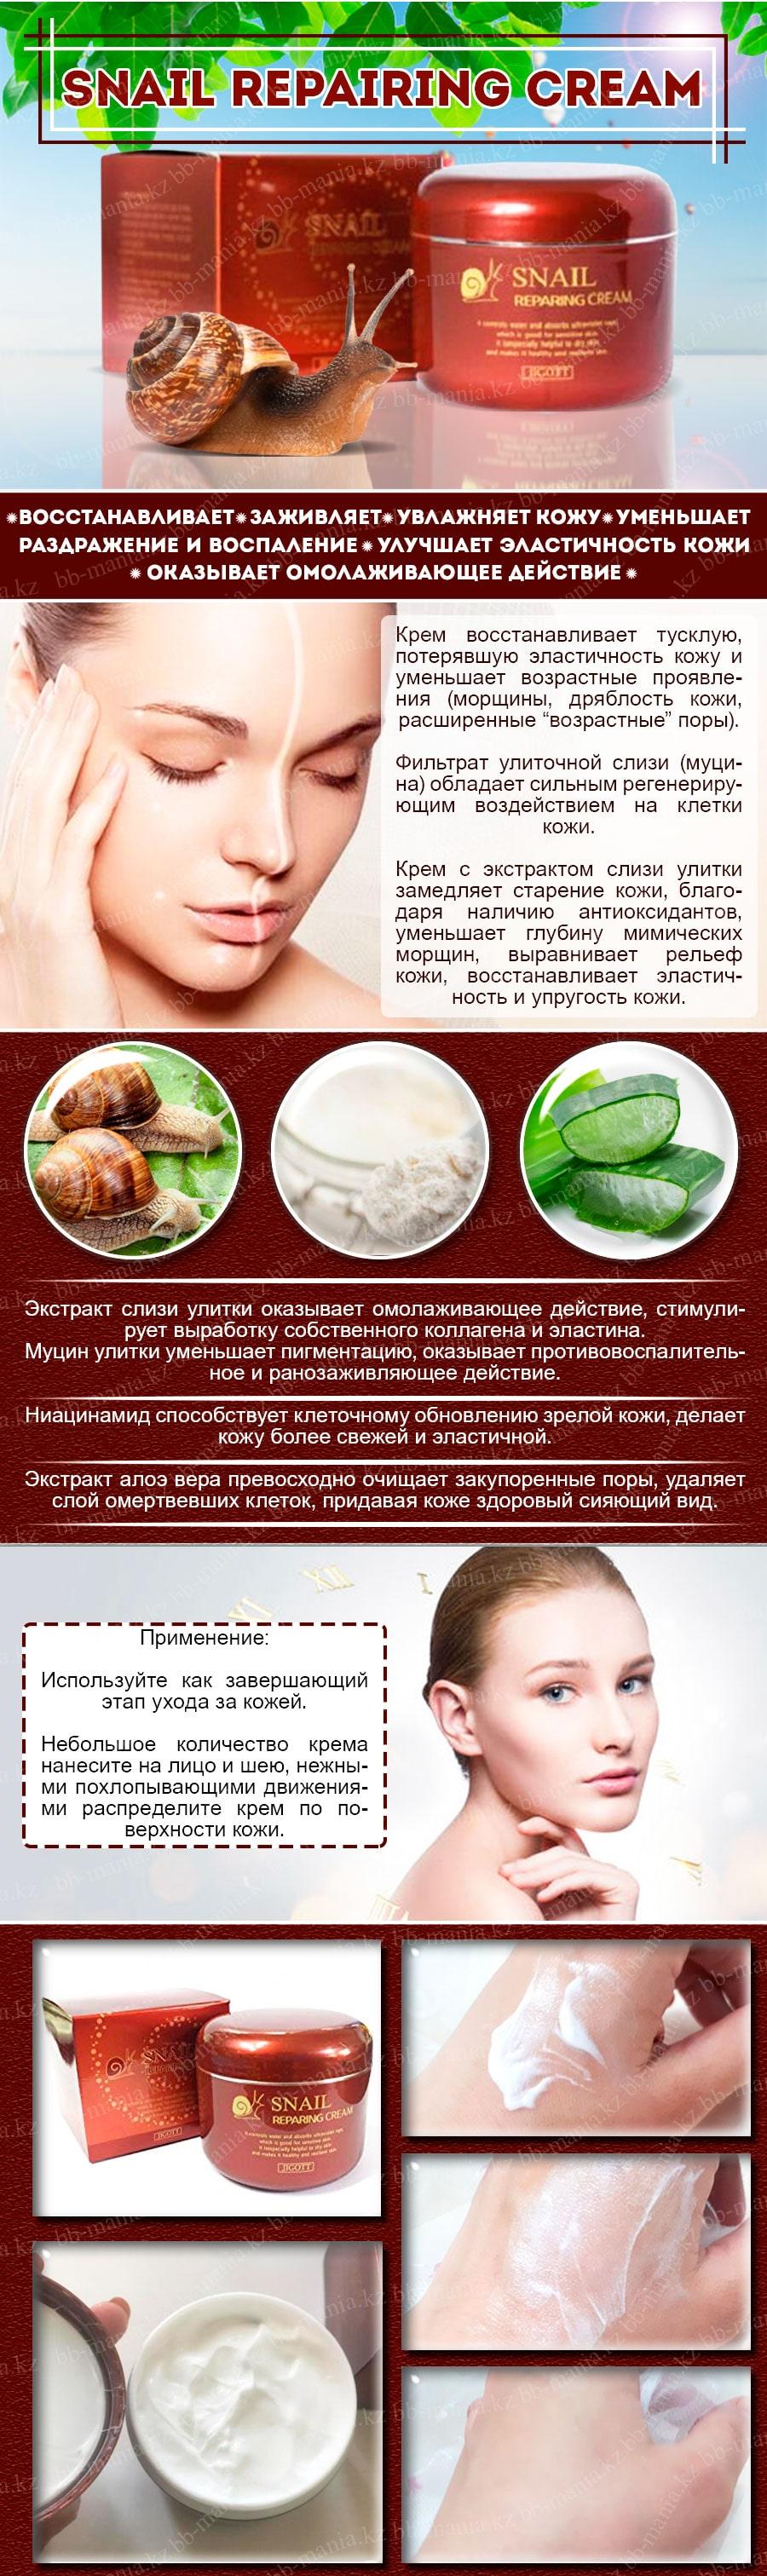 Snail-Repairing-Cream-[Jigott]-min